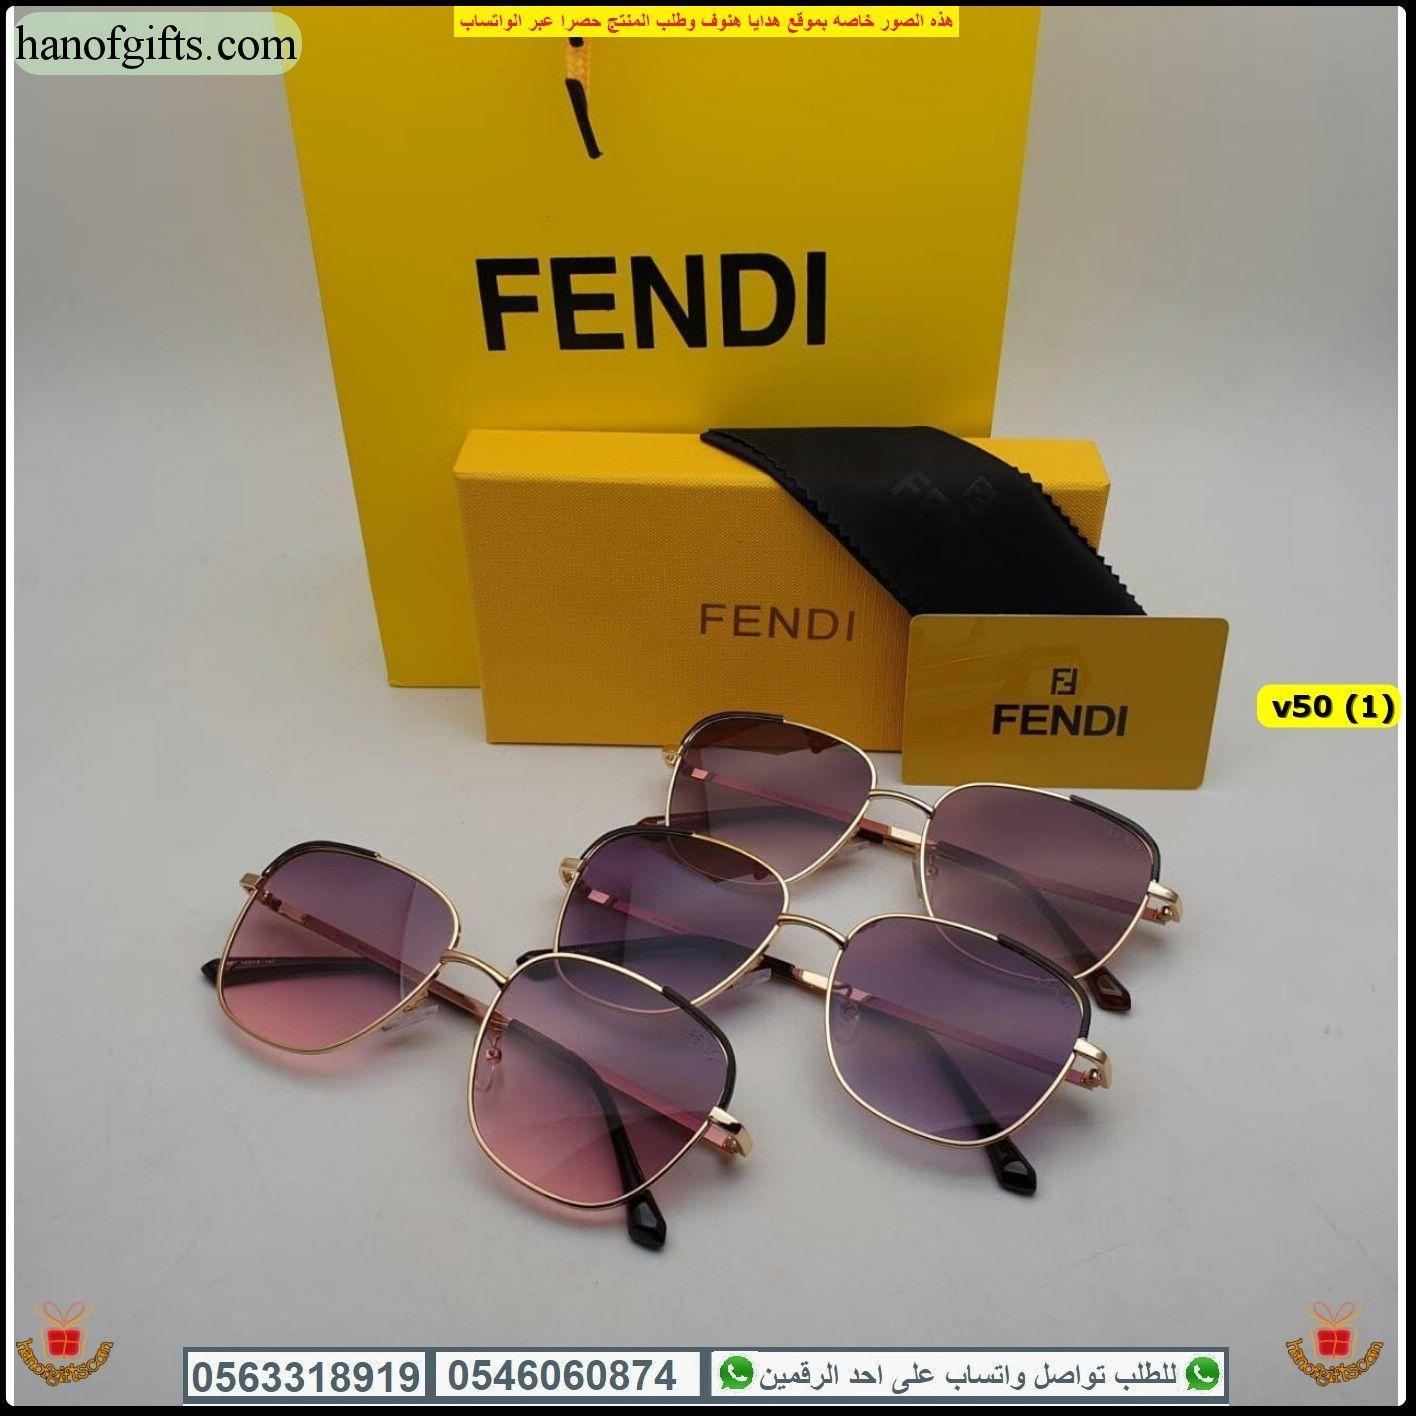 نظارات فندي تقليد 2020 رجالية مع ملحقات الماركه كيس وعلبة الماركة هدايا هنوف Round Sunglasses Fendi Glasses